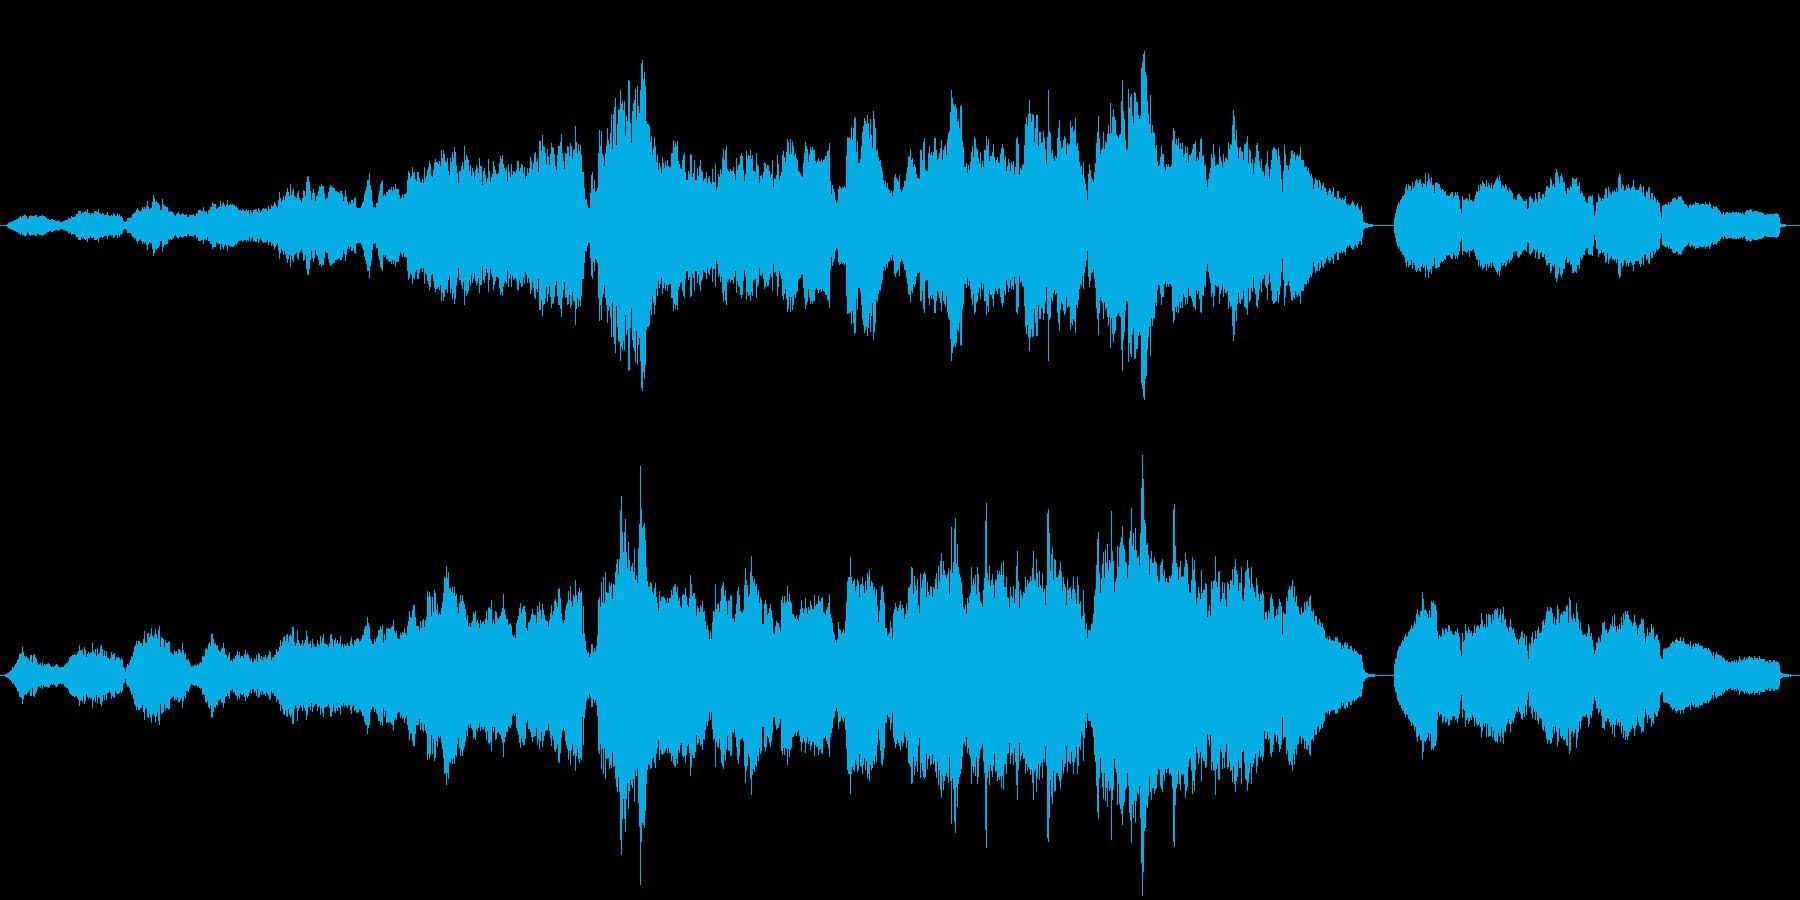 ピアノとオーケストラの静かな曲の再生済みの波形